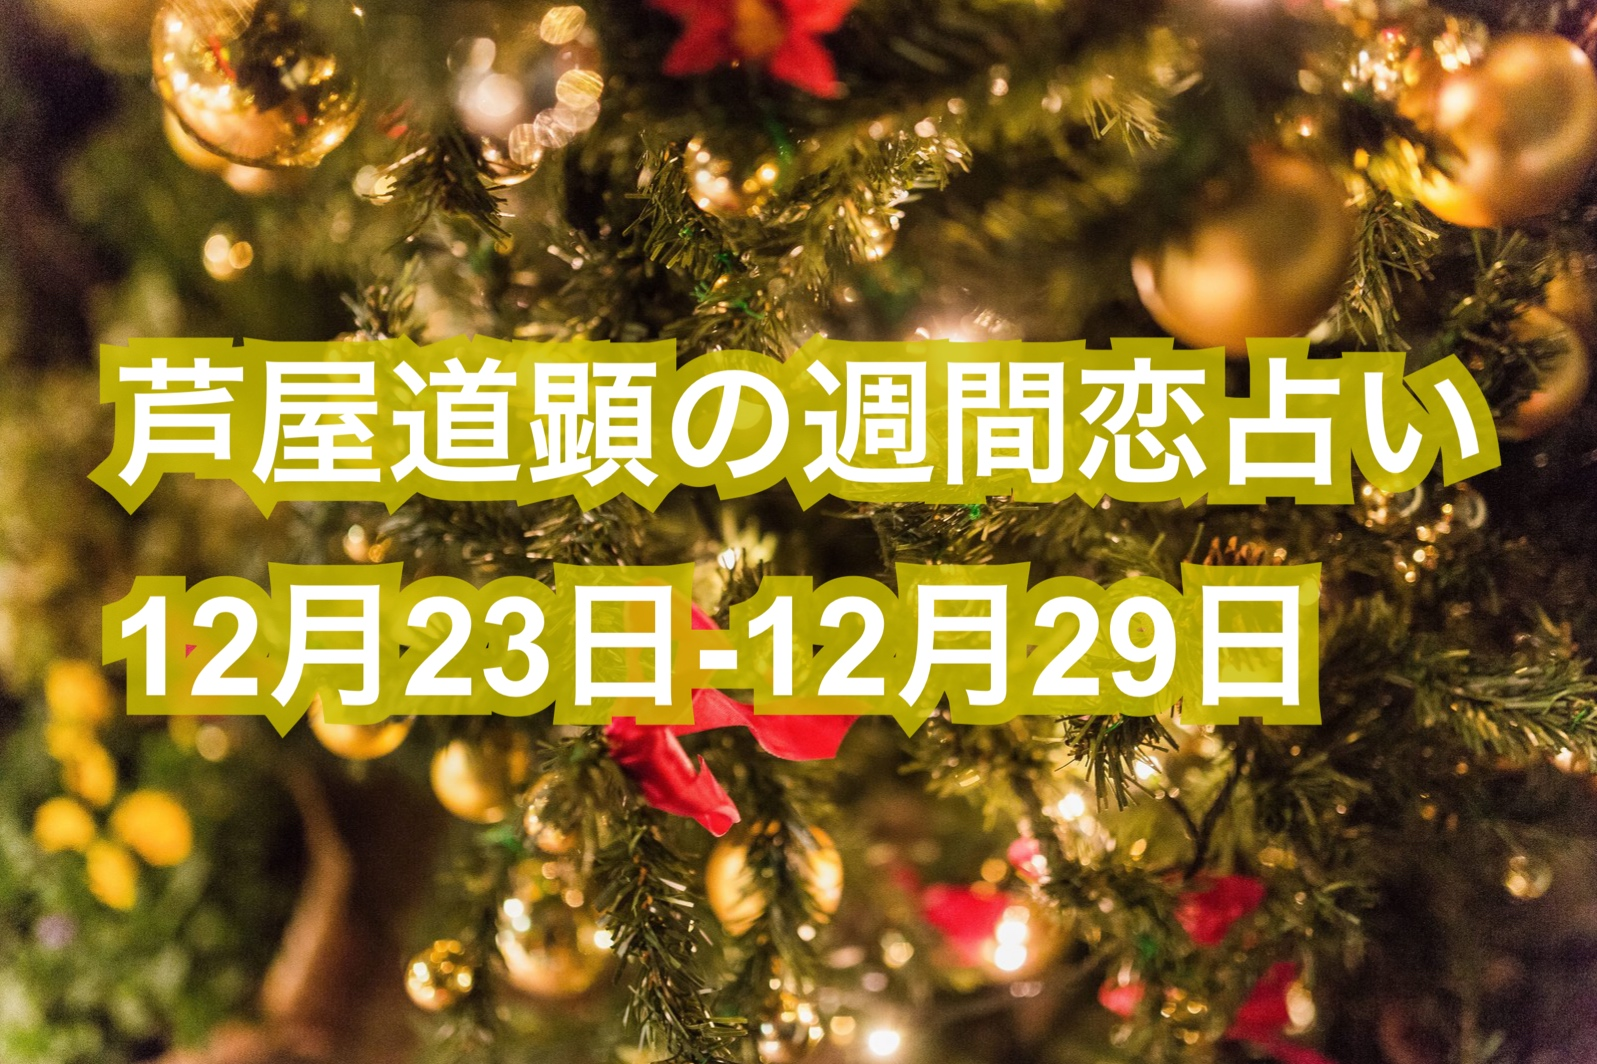 12月23日-12月29日の恋愛運【芦屋道顕の音魂占い★2019年】